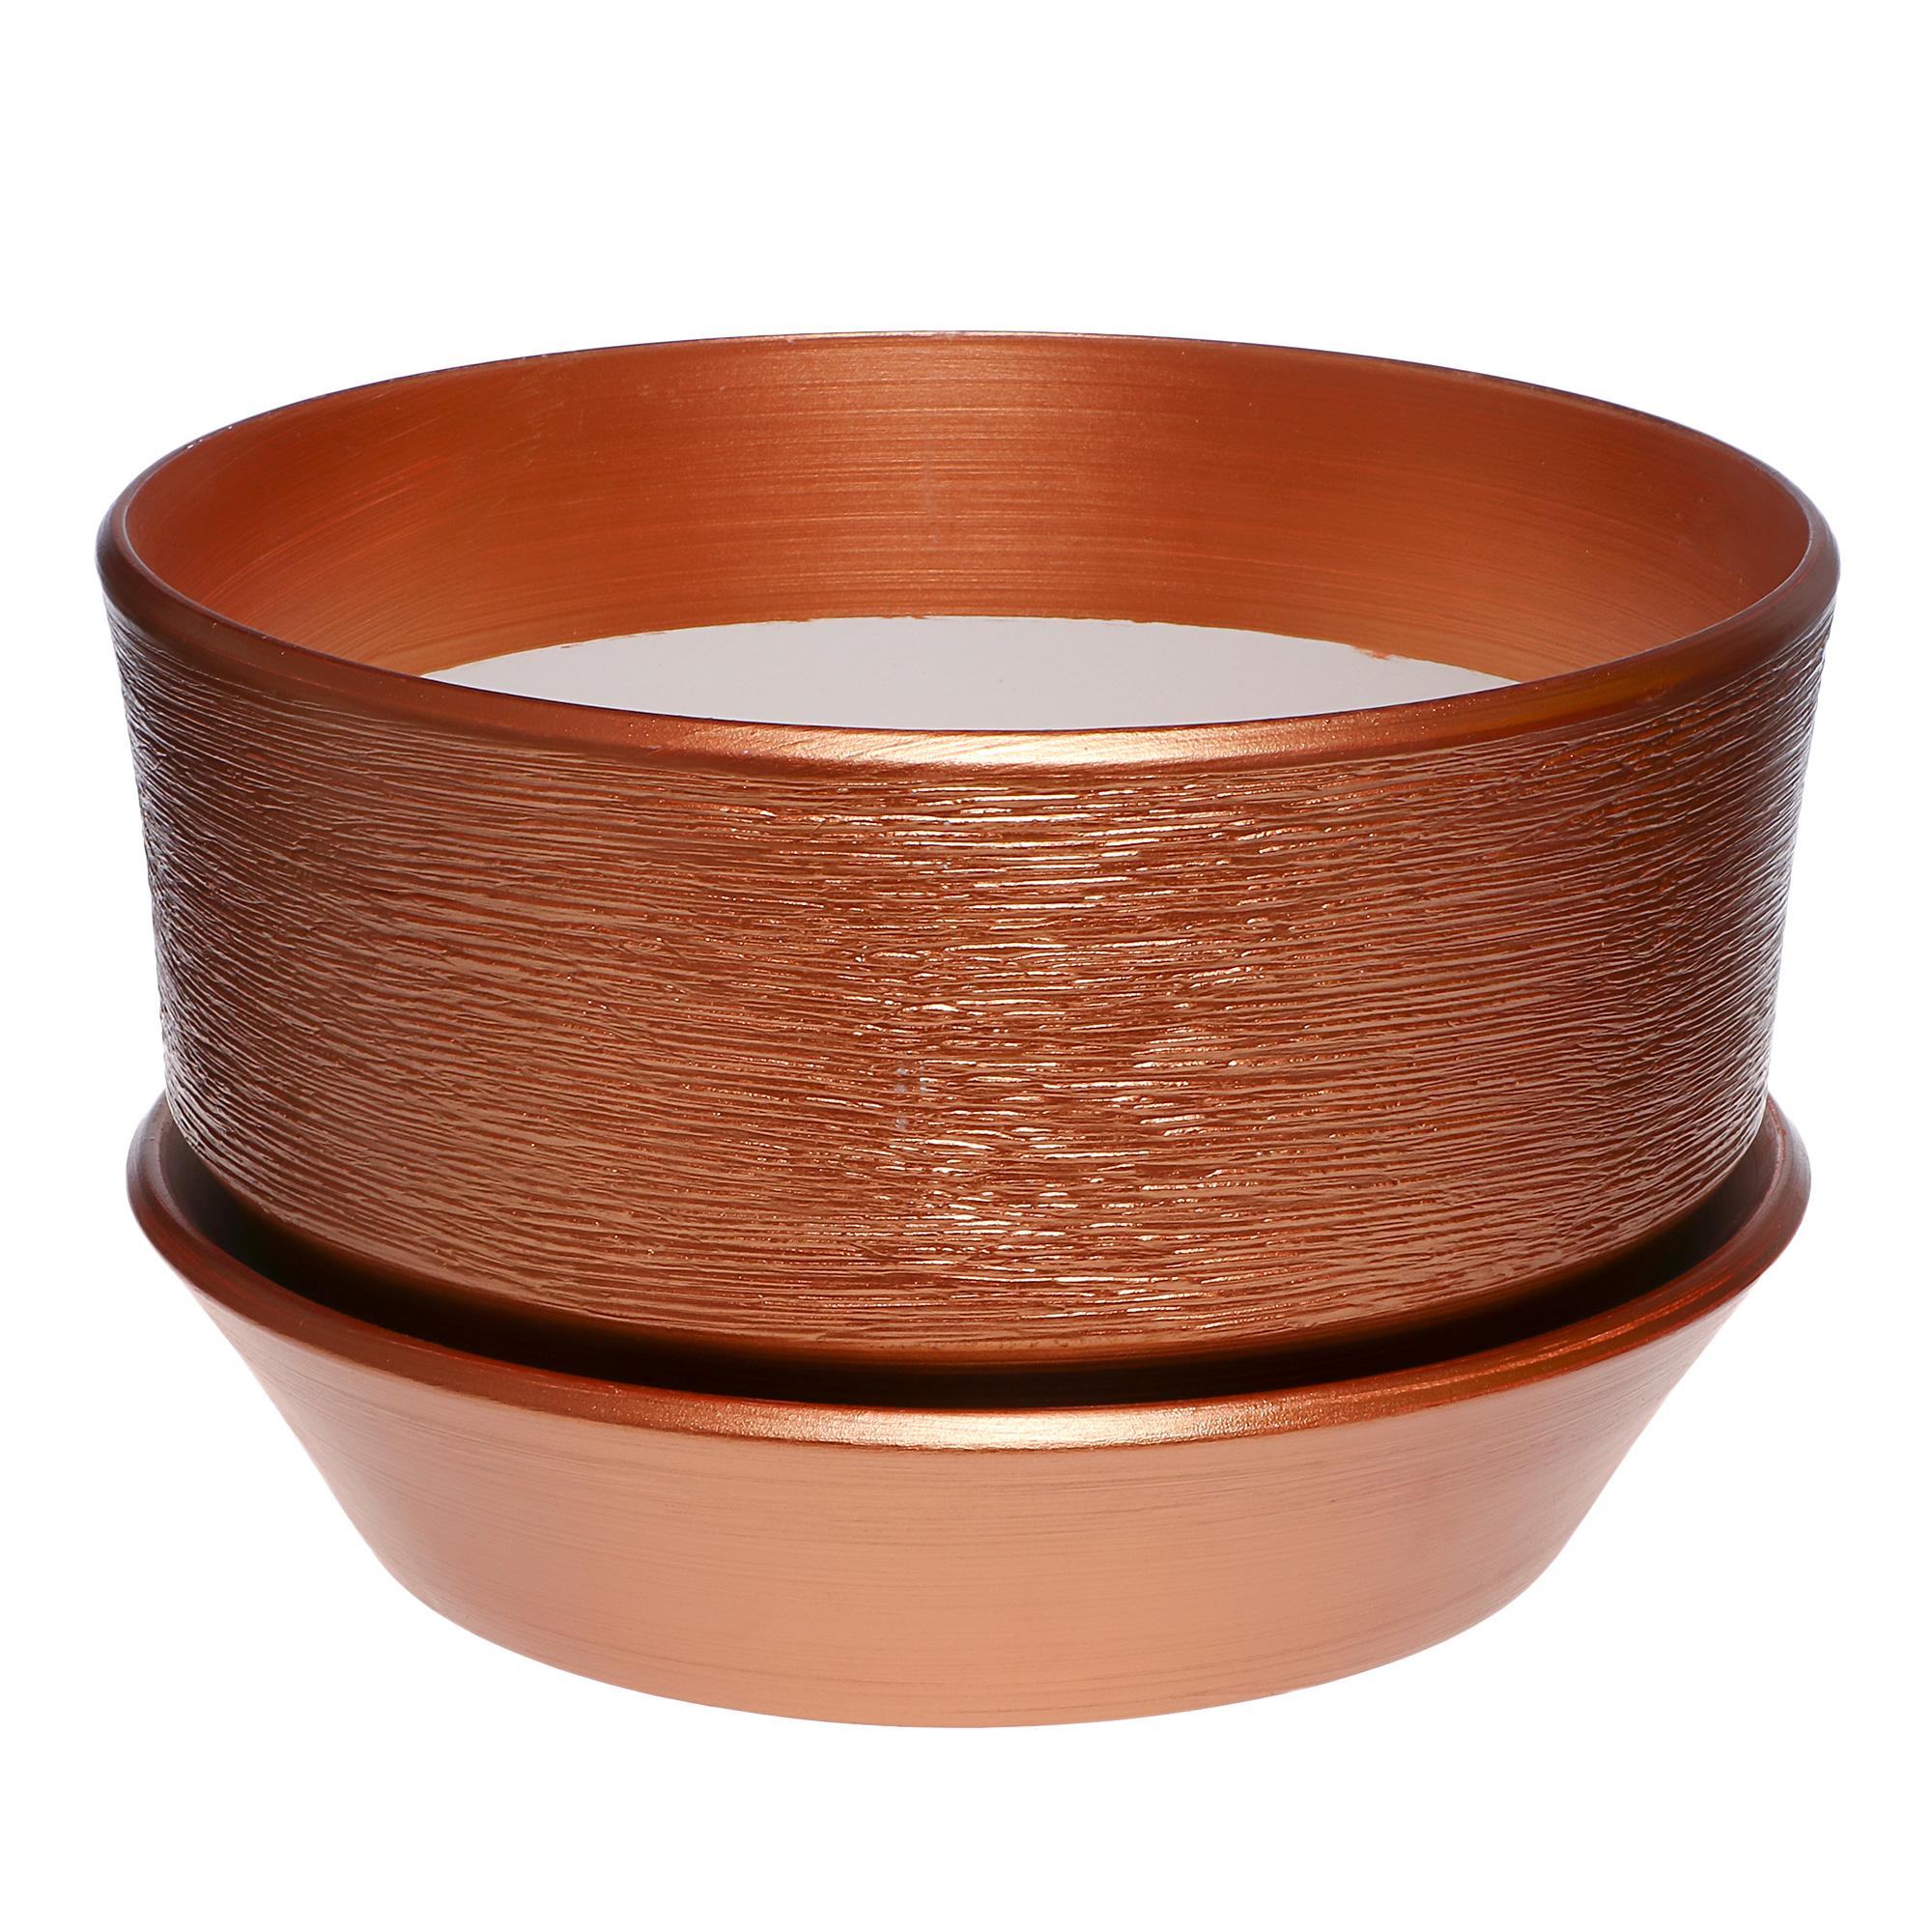 Фото - Горшок с поддоном керамический для цветов Керам бокарнейница бронза d 32см. горшок с поддоном керамический для цветов керам ксения глянец зеленый 9см